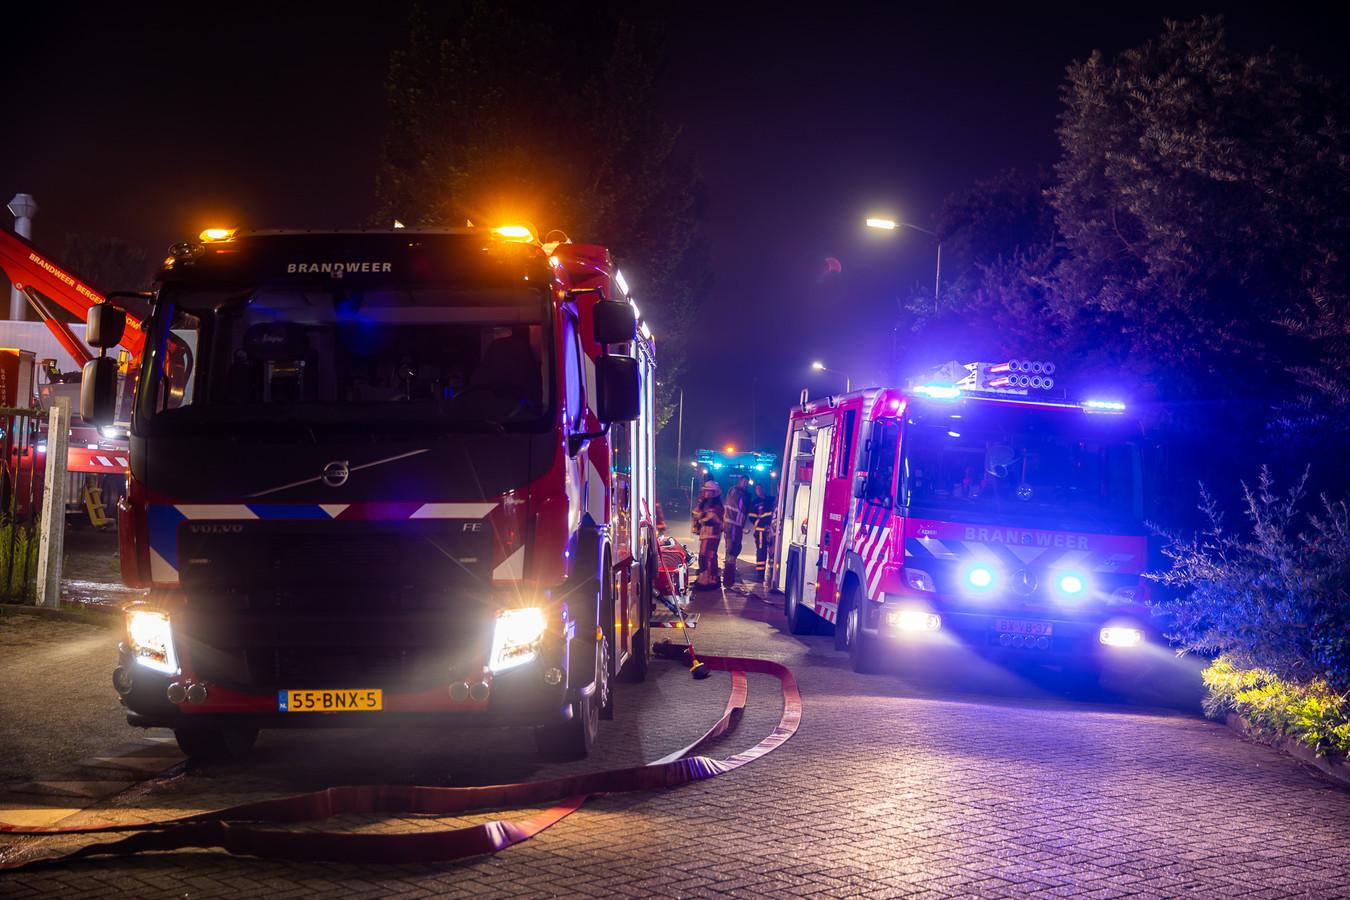 Bedrijfspand uitgebrand in Roosendaal.